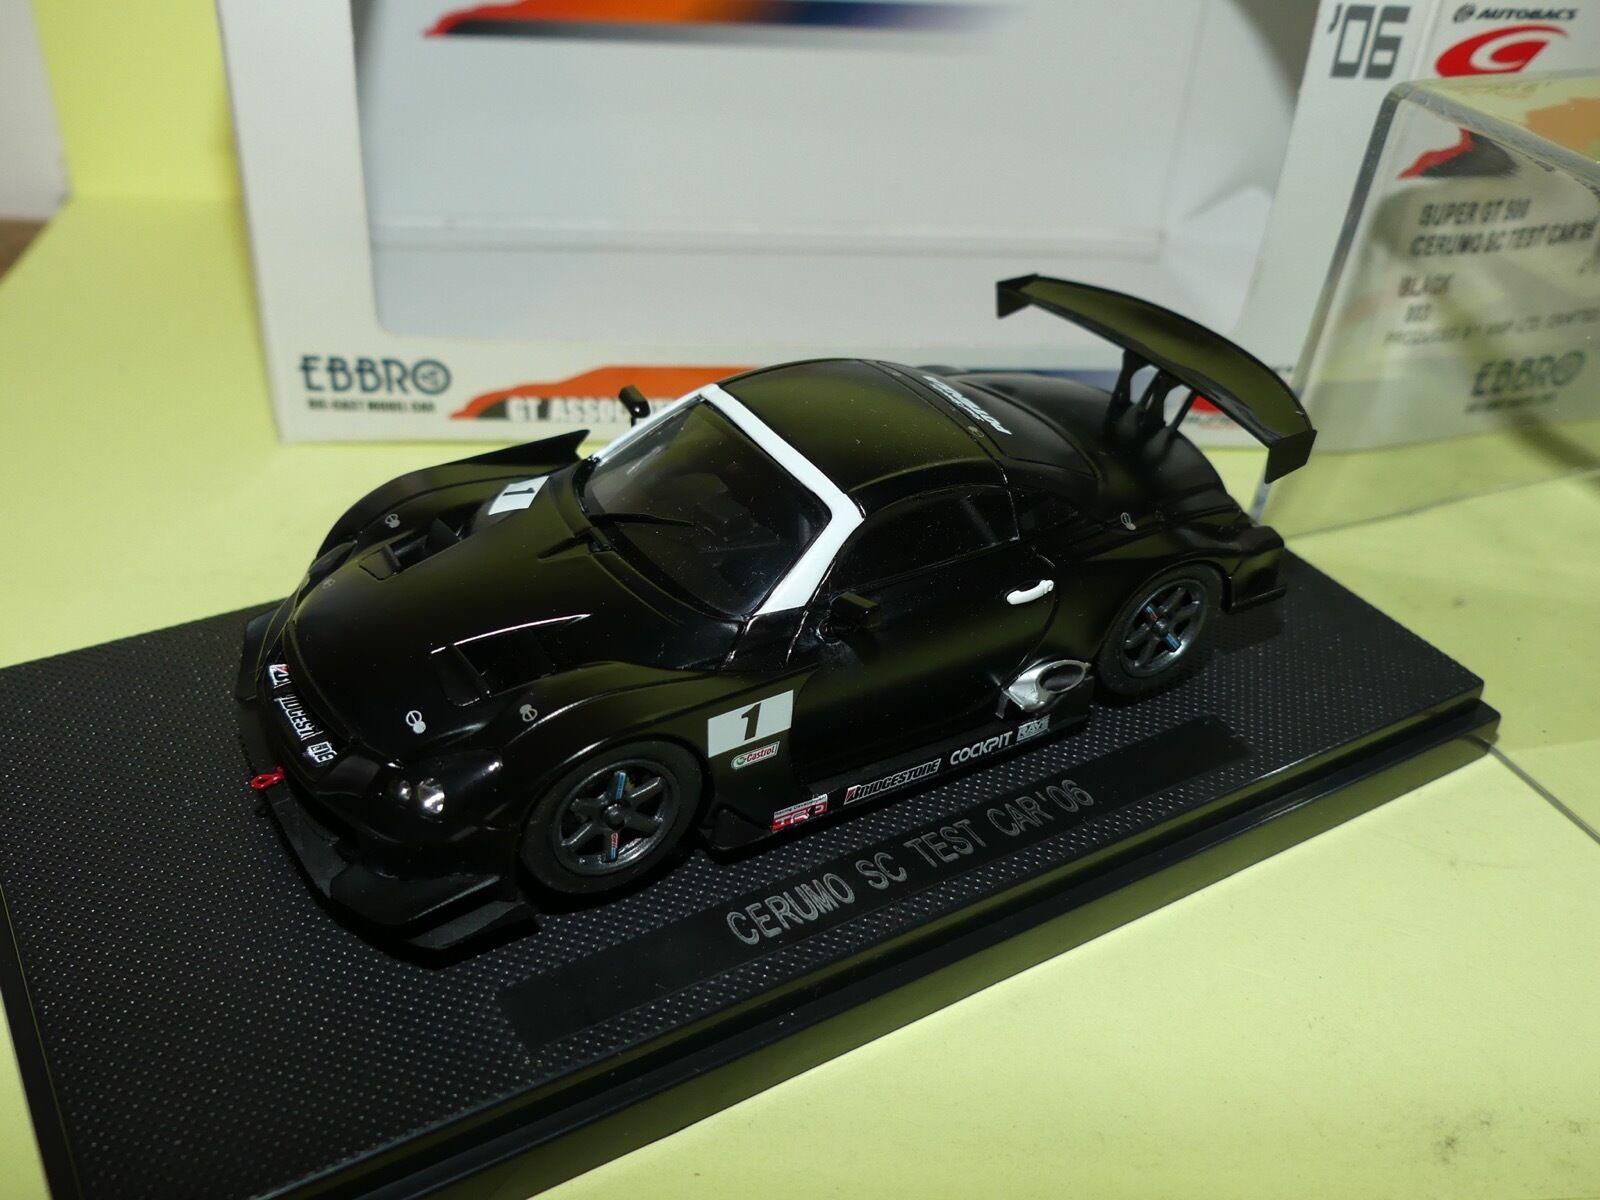 LEXUS SUPER GT 500 CERUMO SC TEST CAR 2006 EBBRO 803 1 43